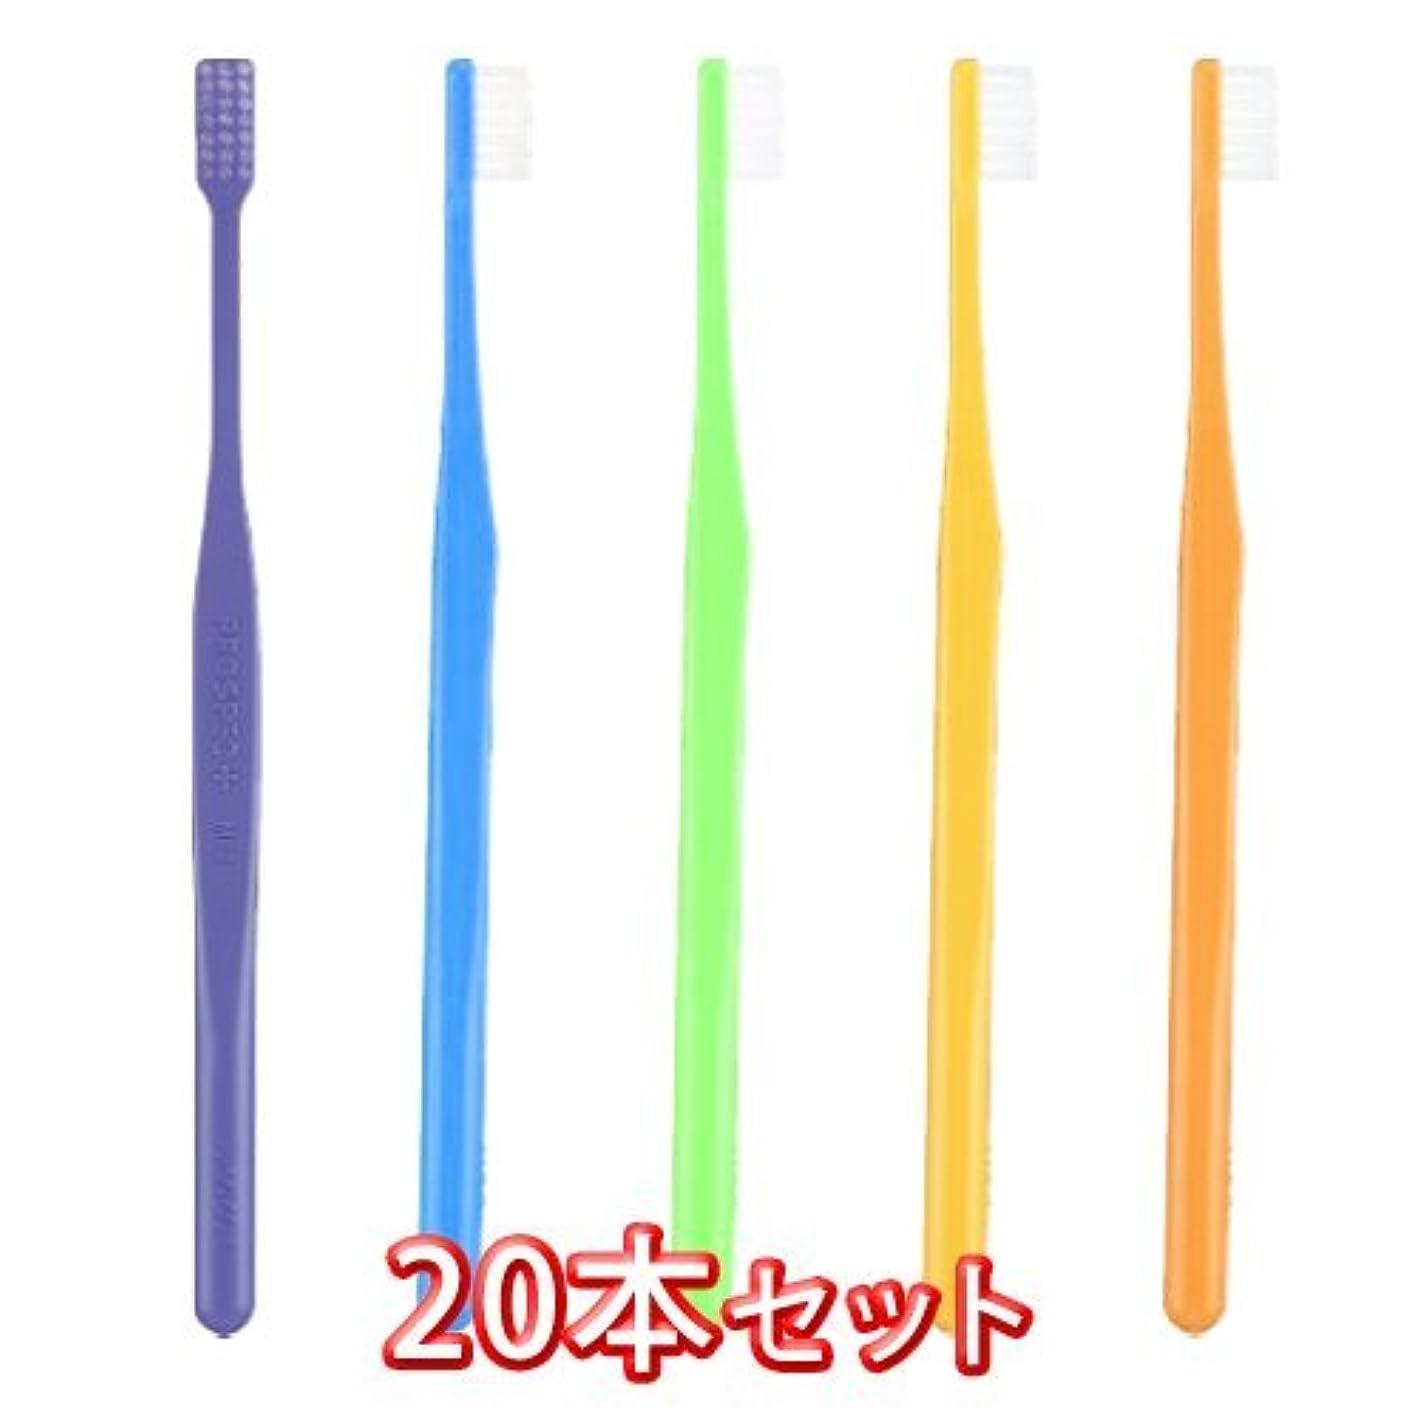 人浮くアスリートプロスペック プラス ミニ歯ブラシ 20本入